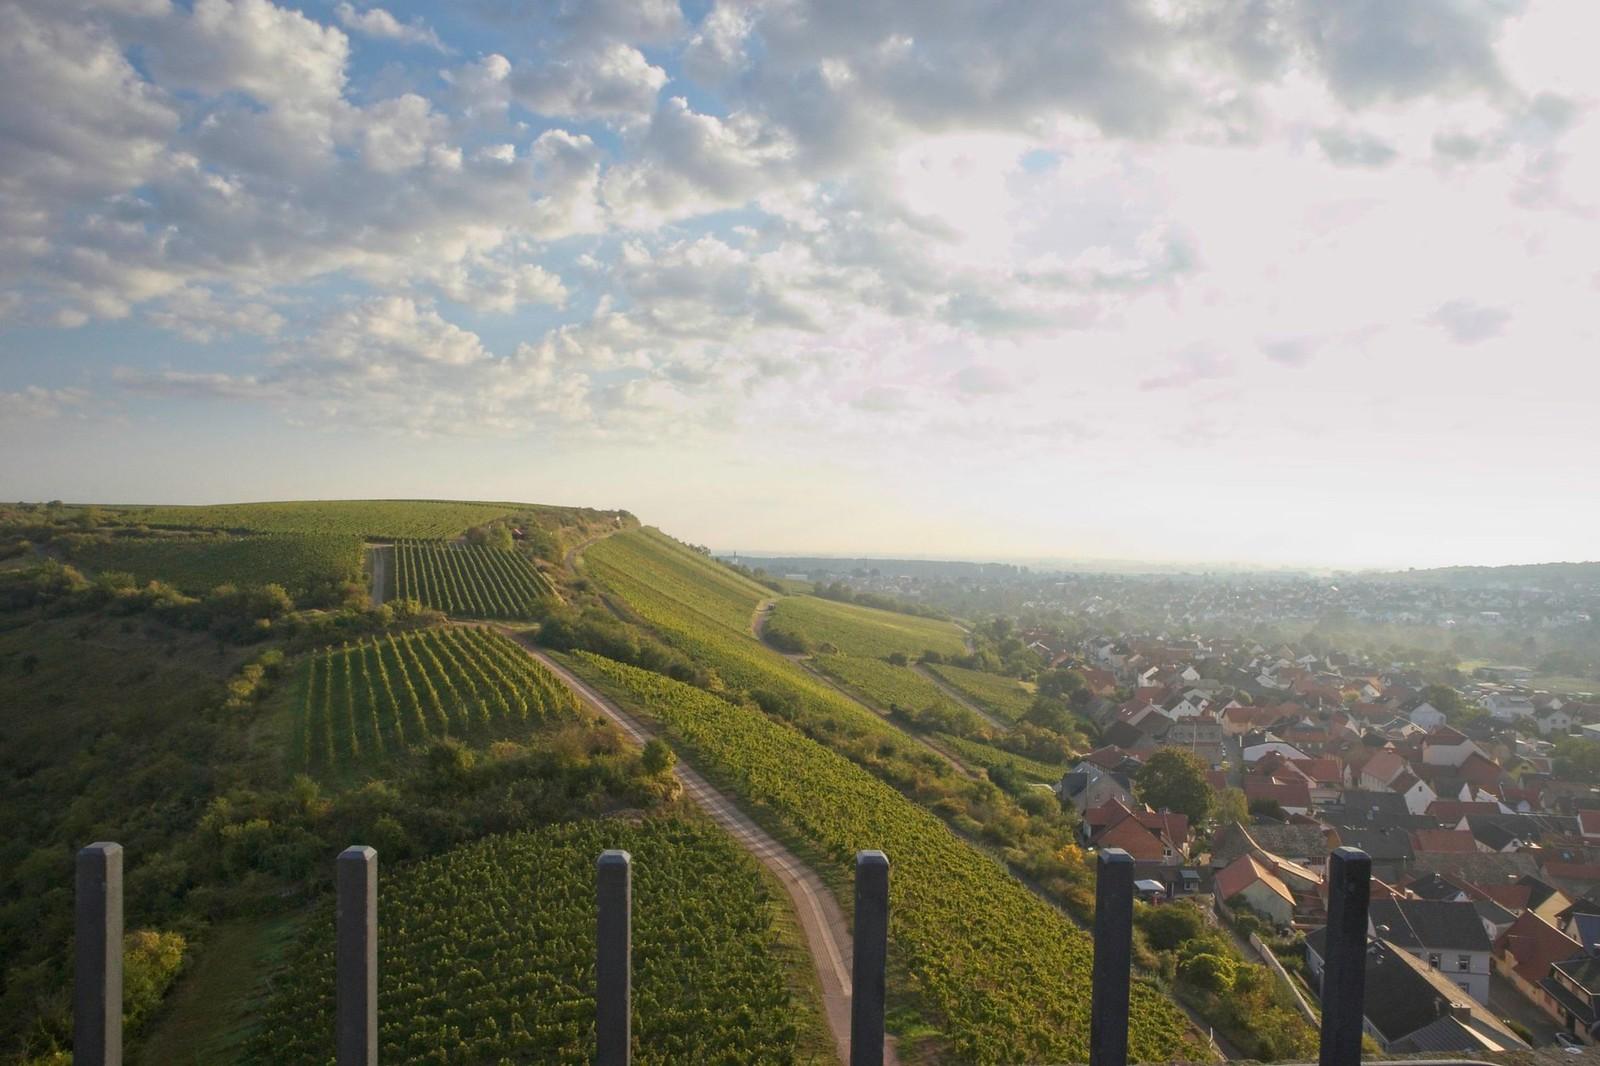 Blick von der Schwabsburg zum Roten Hang und zum Rhein